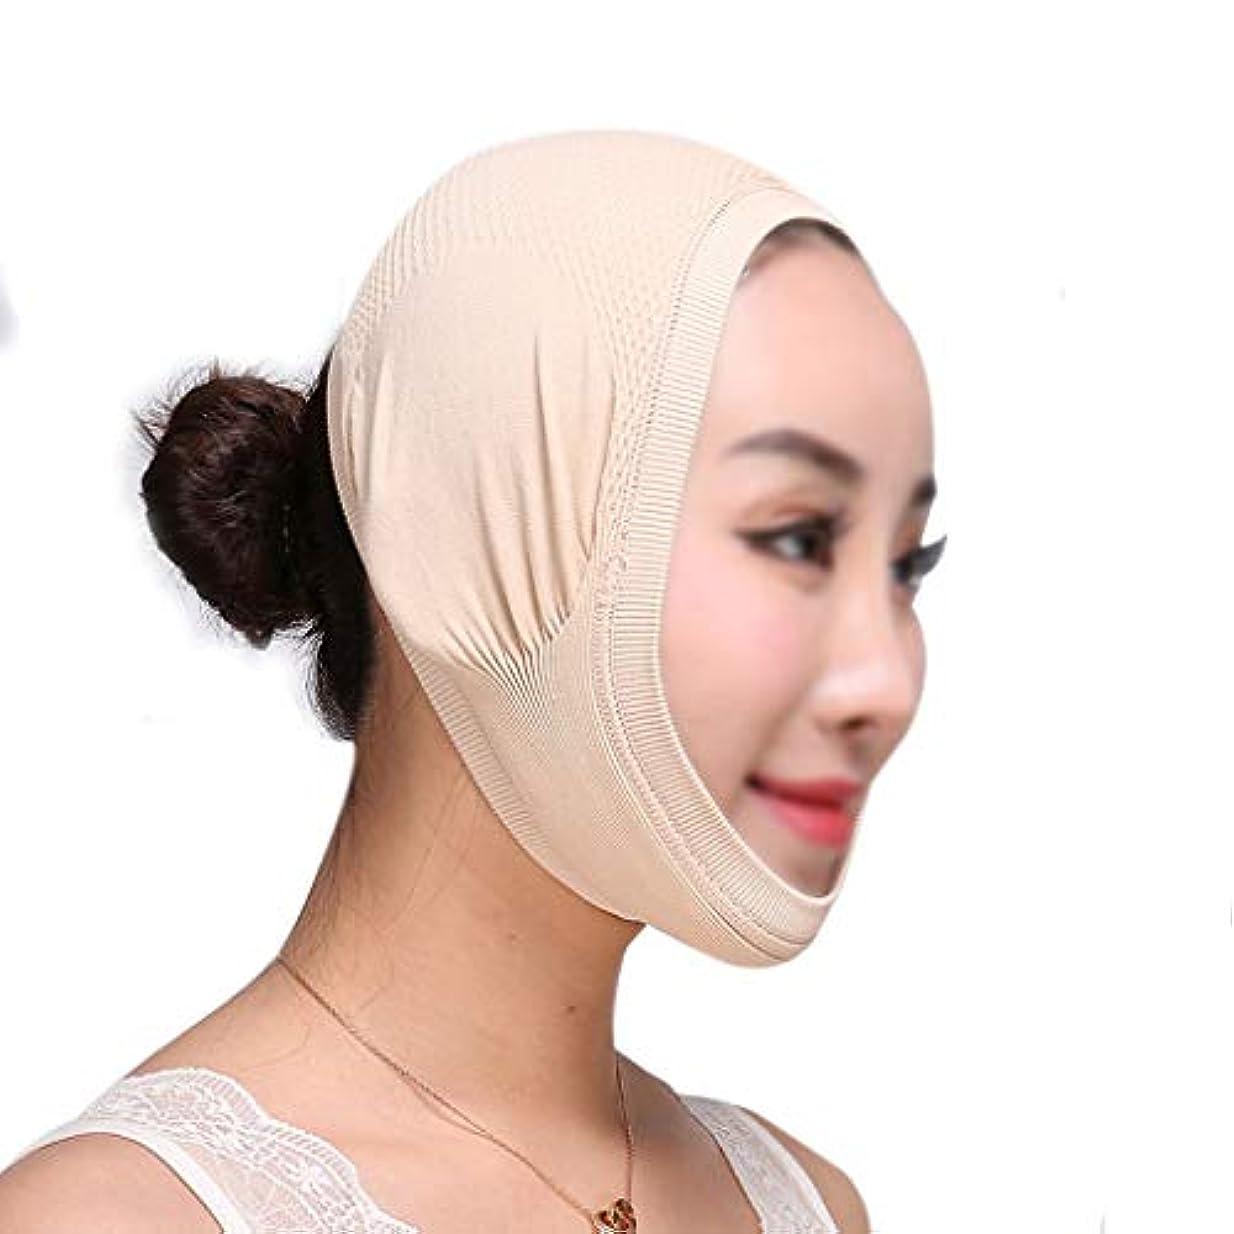 役に立たない火星を除くXHLMRMJ 整形外科病院ライン彫刻術後回復ヘッドギア医療マスク睡眠vフェイスリフティング包帯薄いフェイスマスク (Size : Skin tone(B))